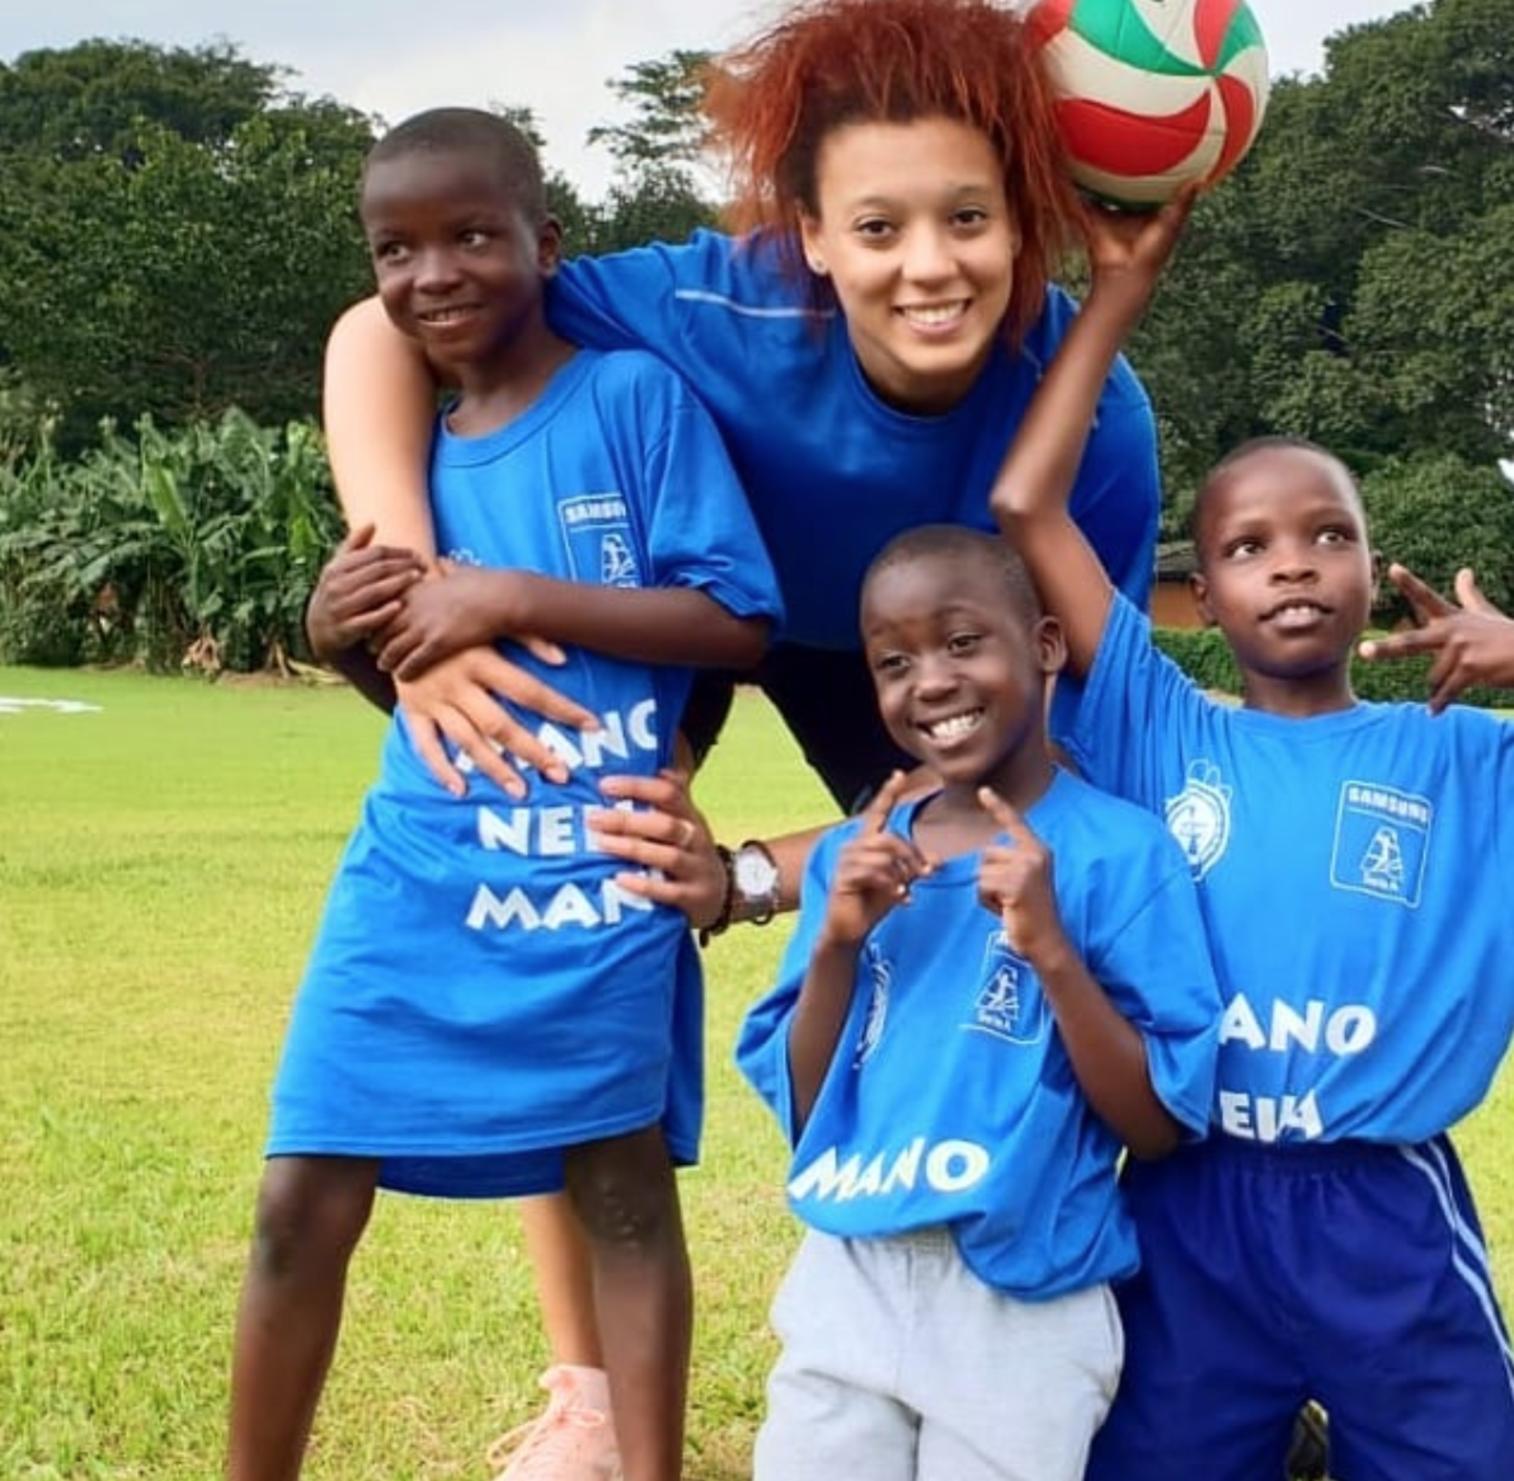 Madre italiana e padre senegalese, nel 2018 il viaggio in Uganda all'insegna della solidarietà.